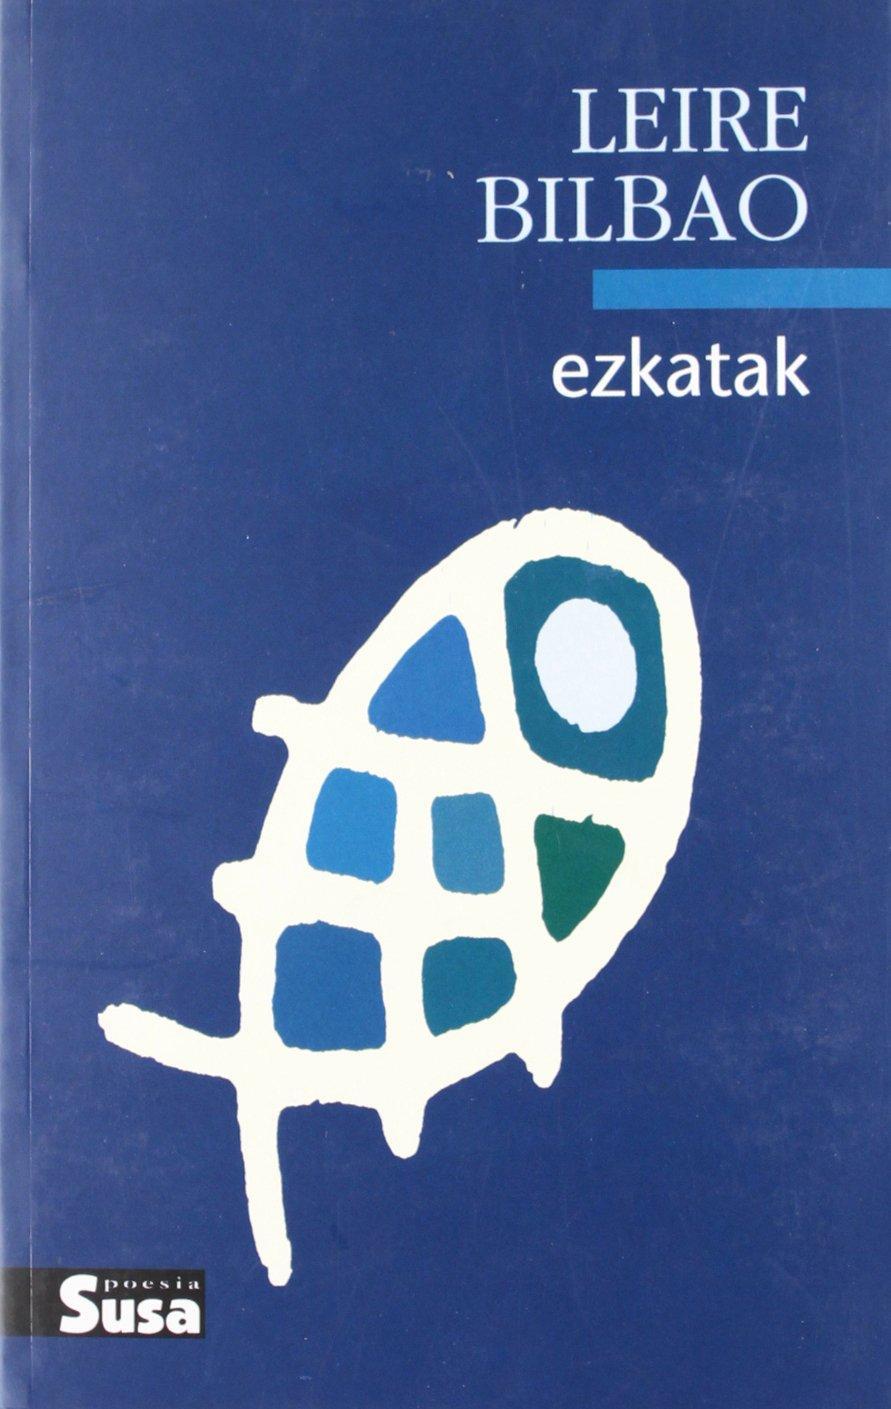 EZKATAK